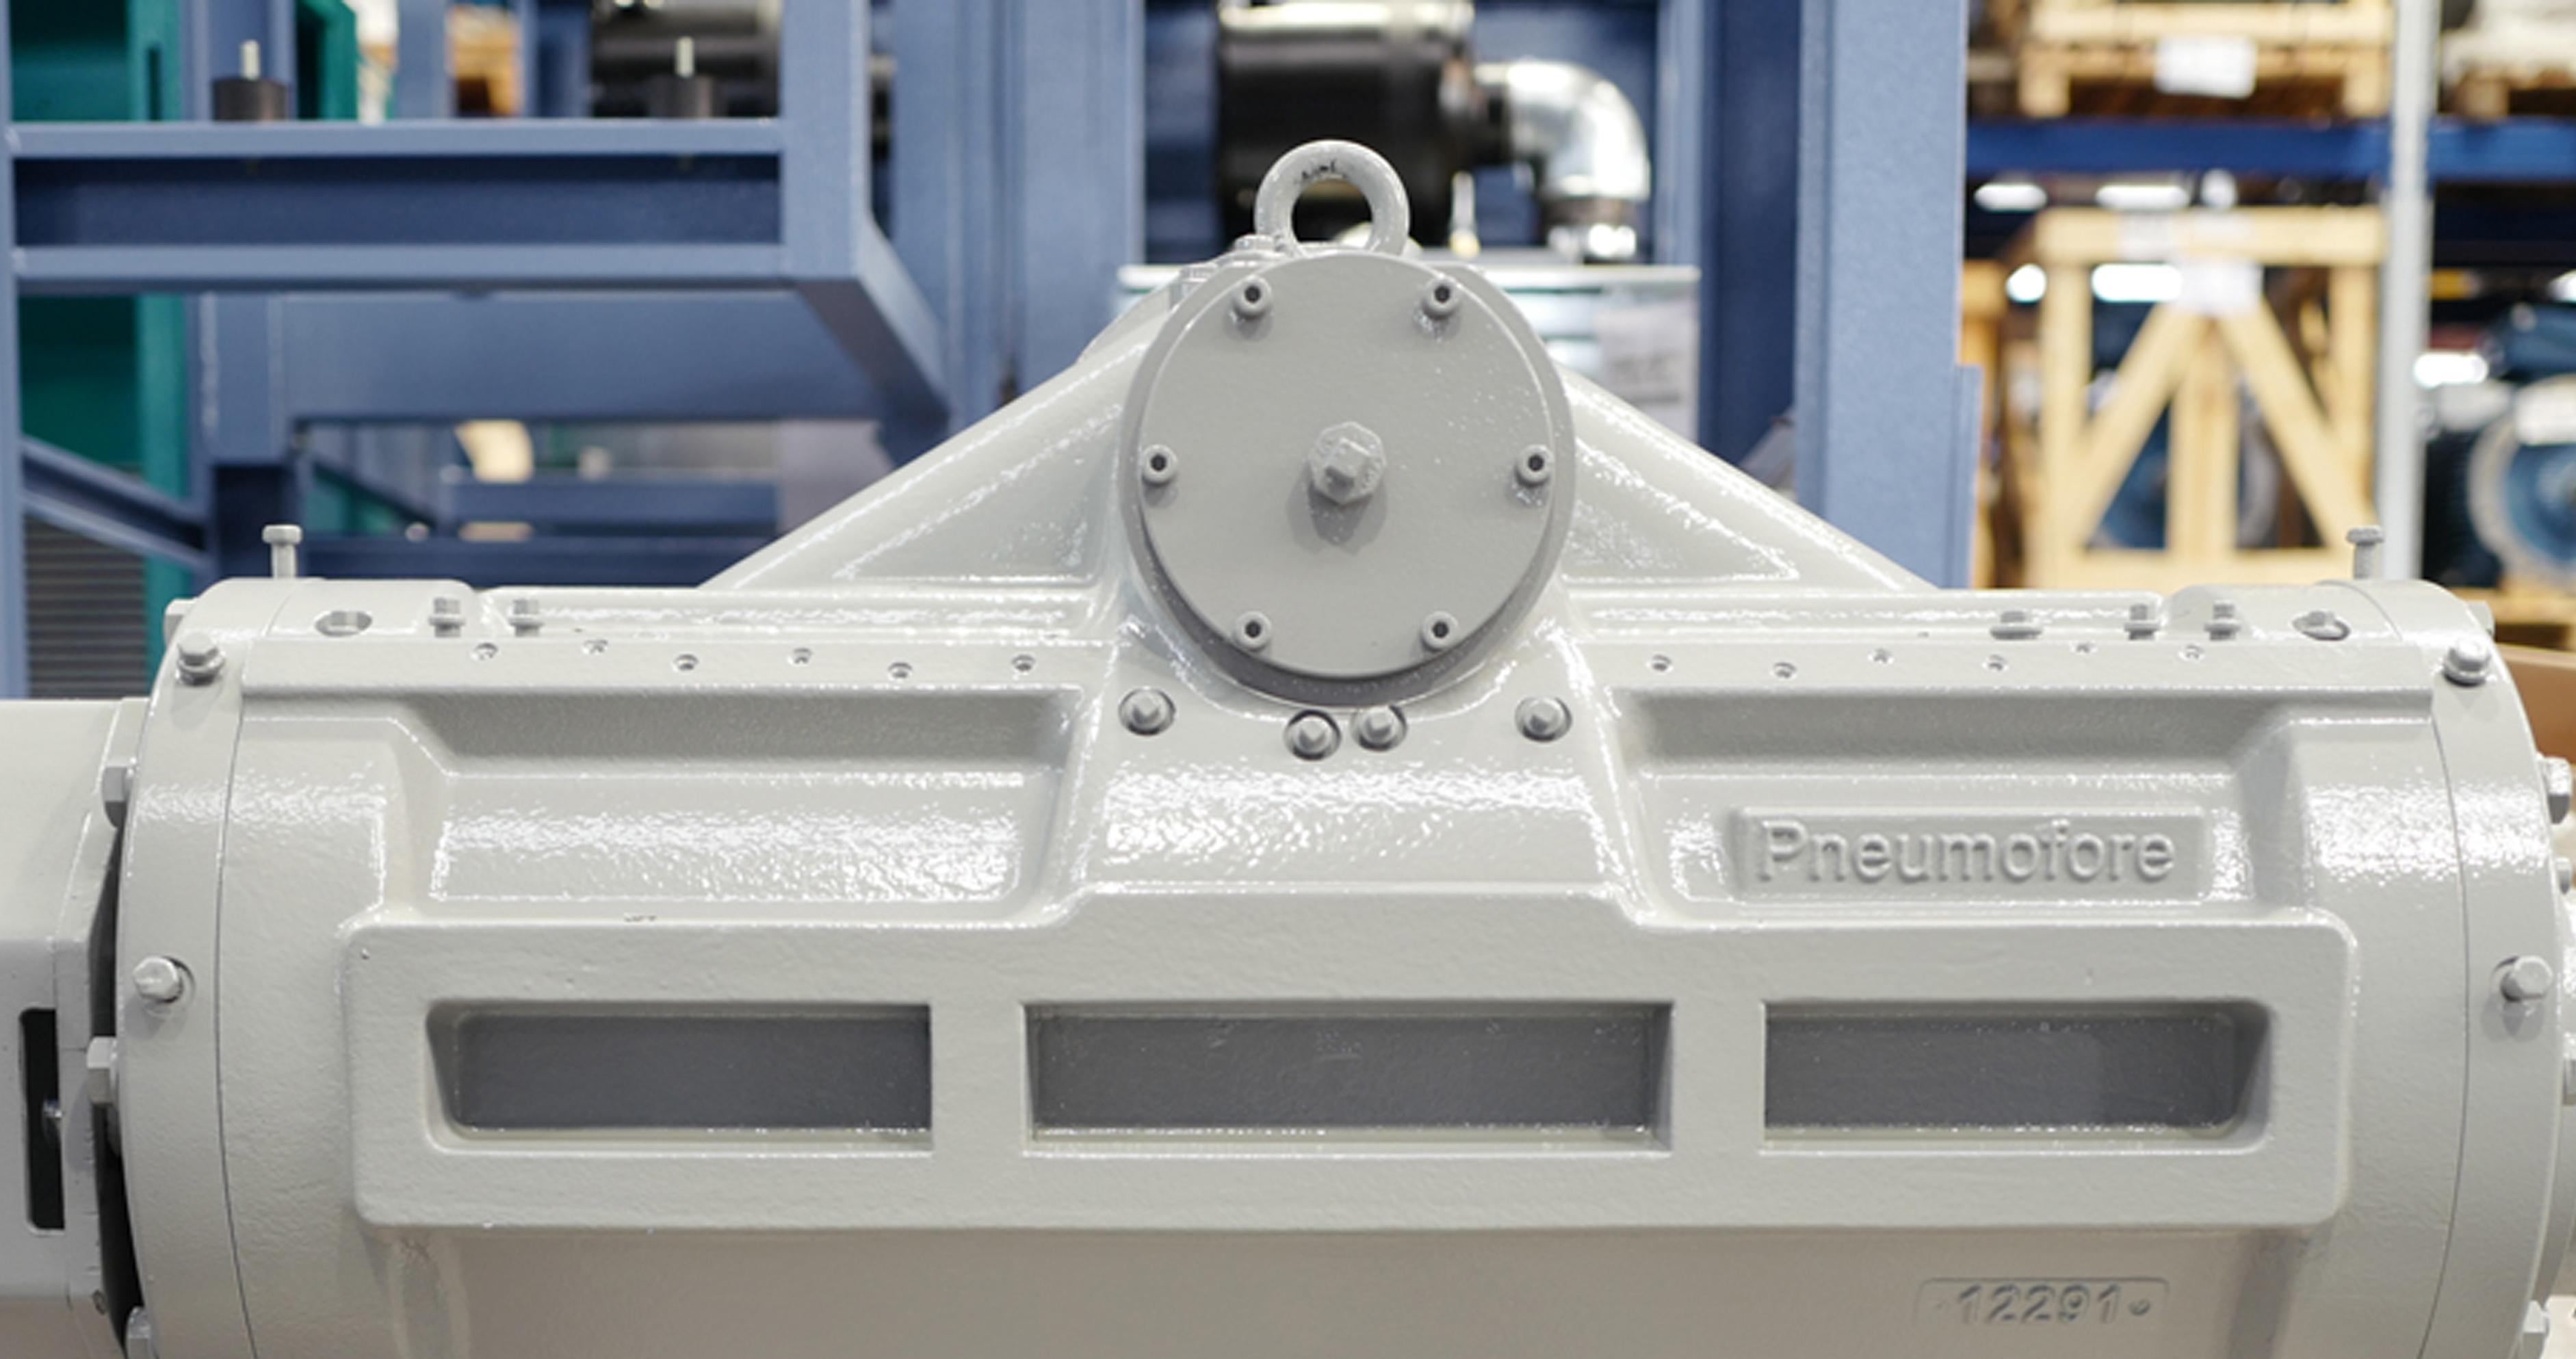 Pneumofore Gas Machines - Details